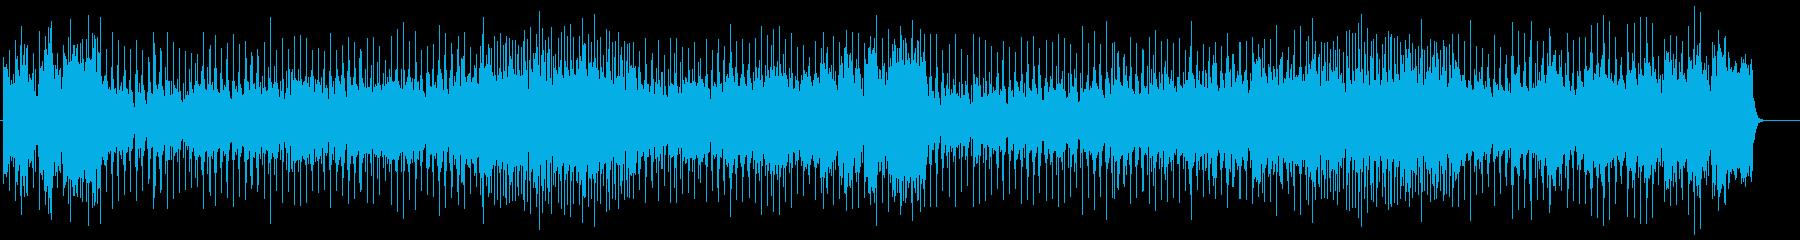 スピーチのBGMに最適なフュージョンの再生済みの波形